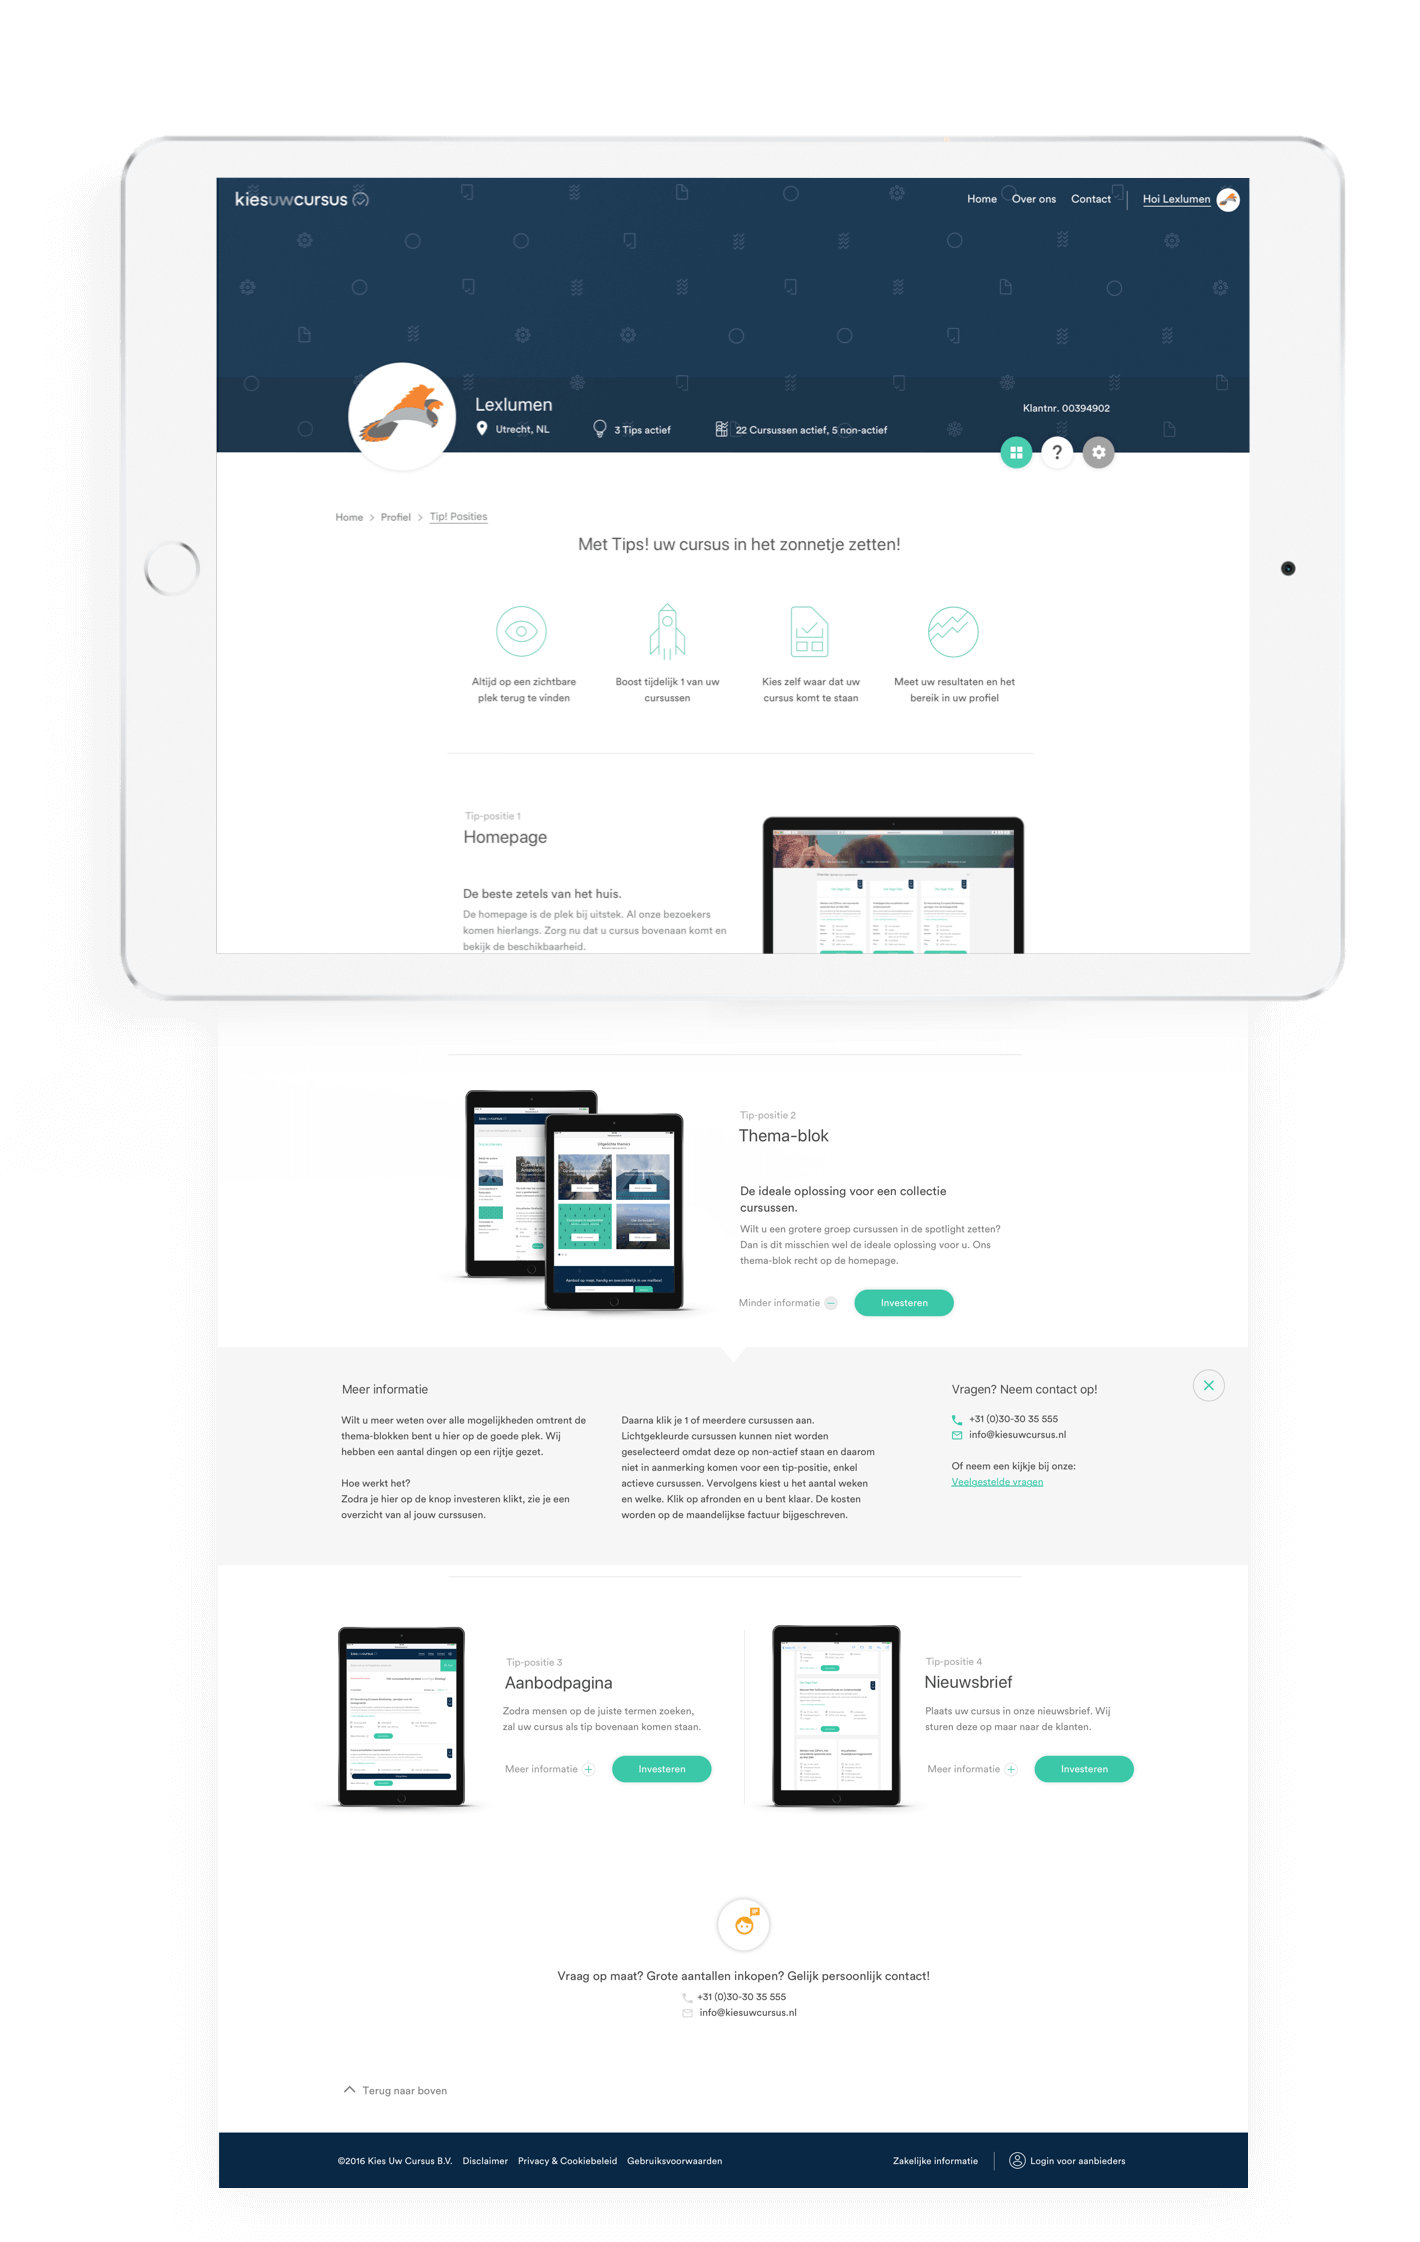 Kies uw Cursus klanten-paneel selecteer cursus afgebeeld op tablet